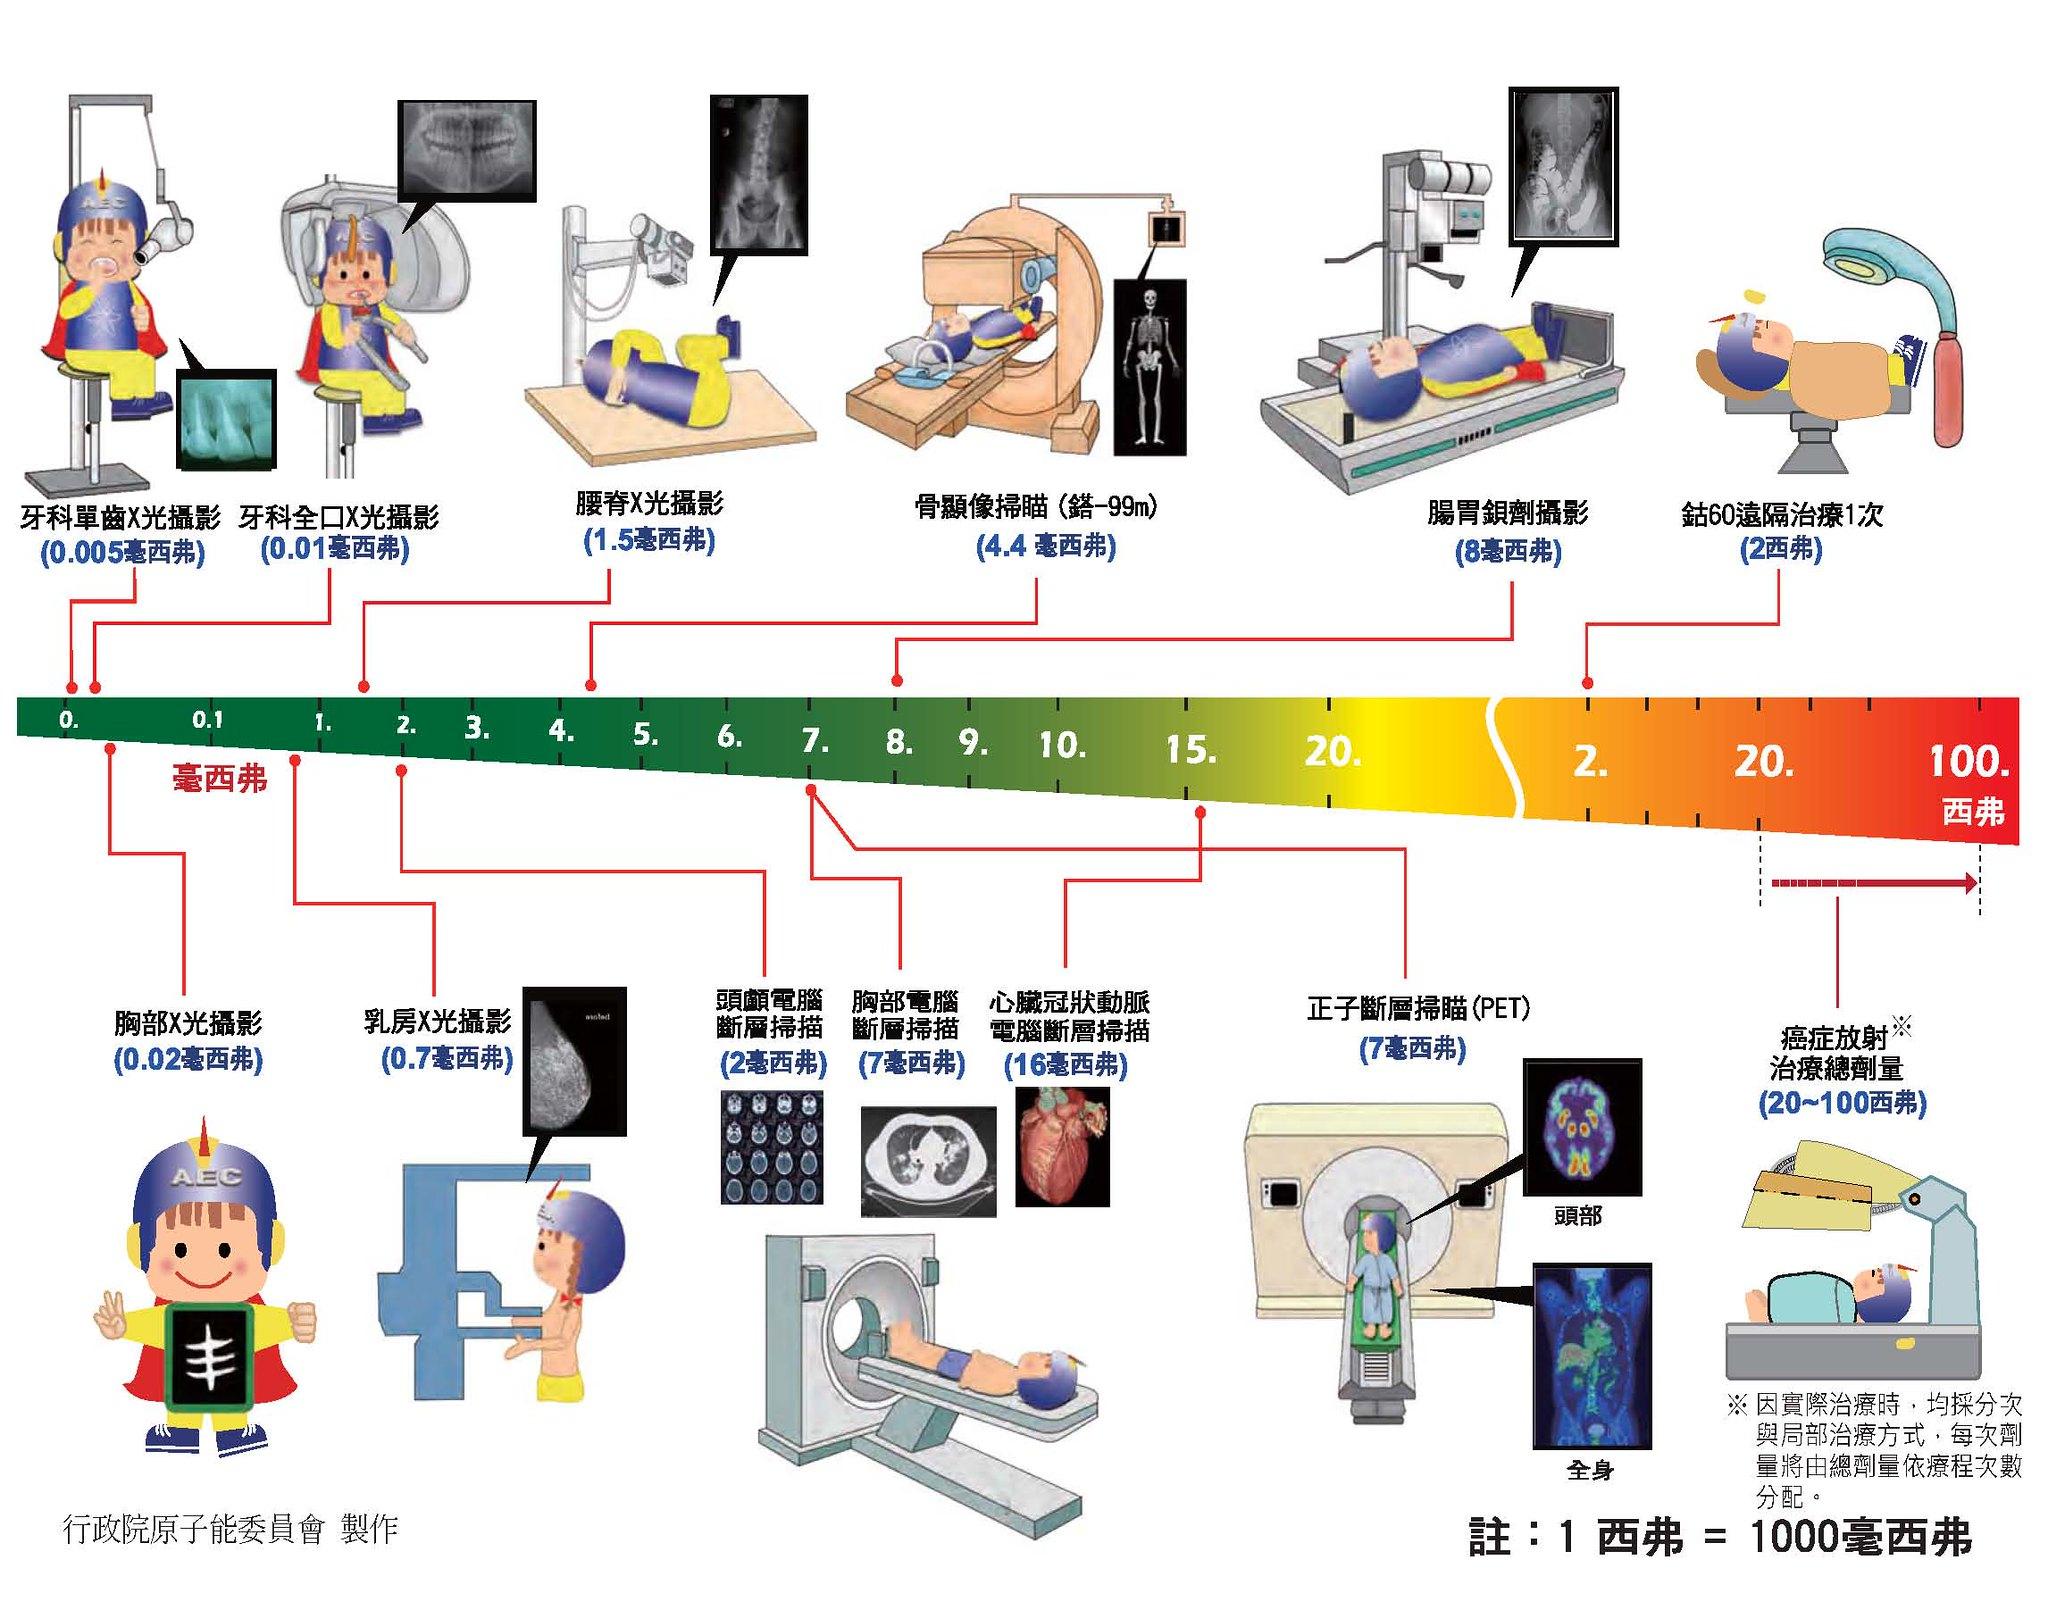 醫療行為對人體接受輻射量示意圖表。圖片來源:原能會